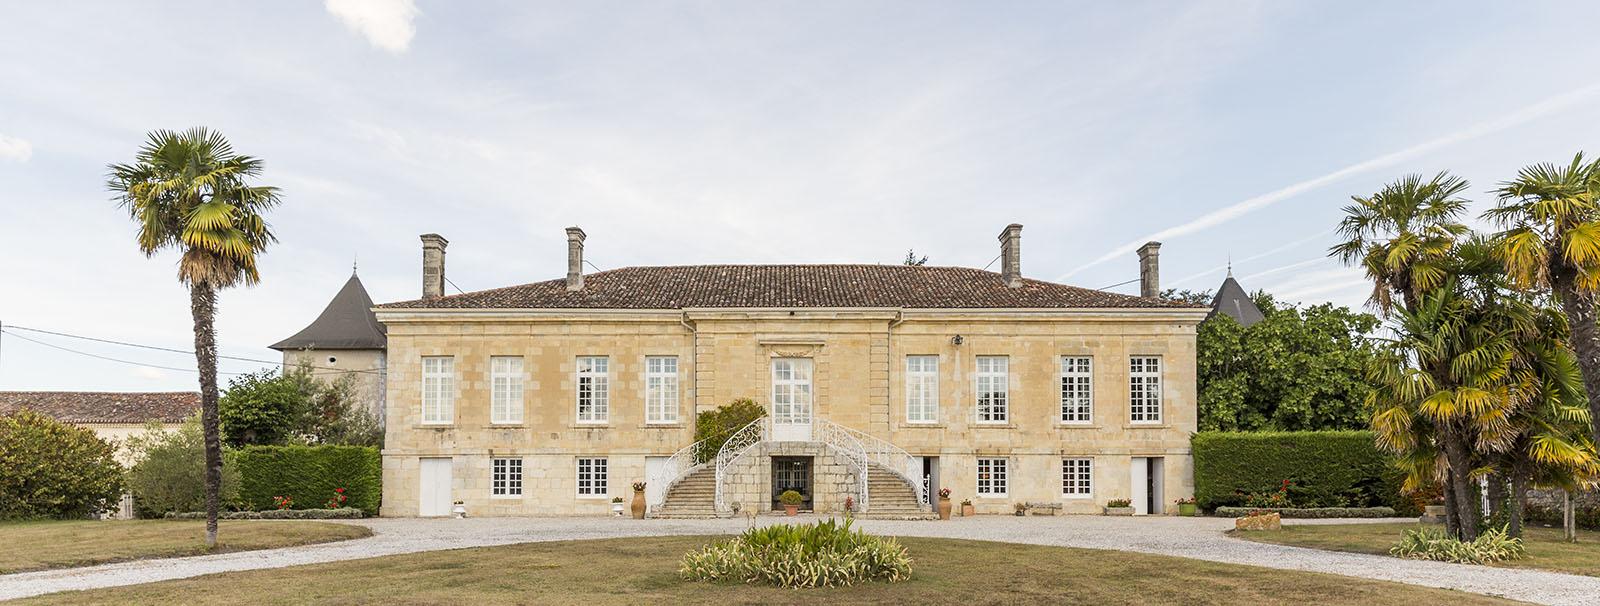 Château_Balac_bordeaux